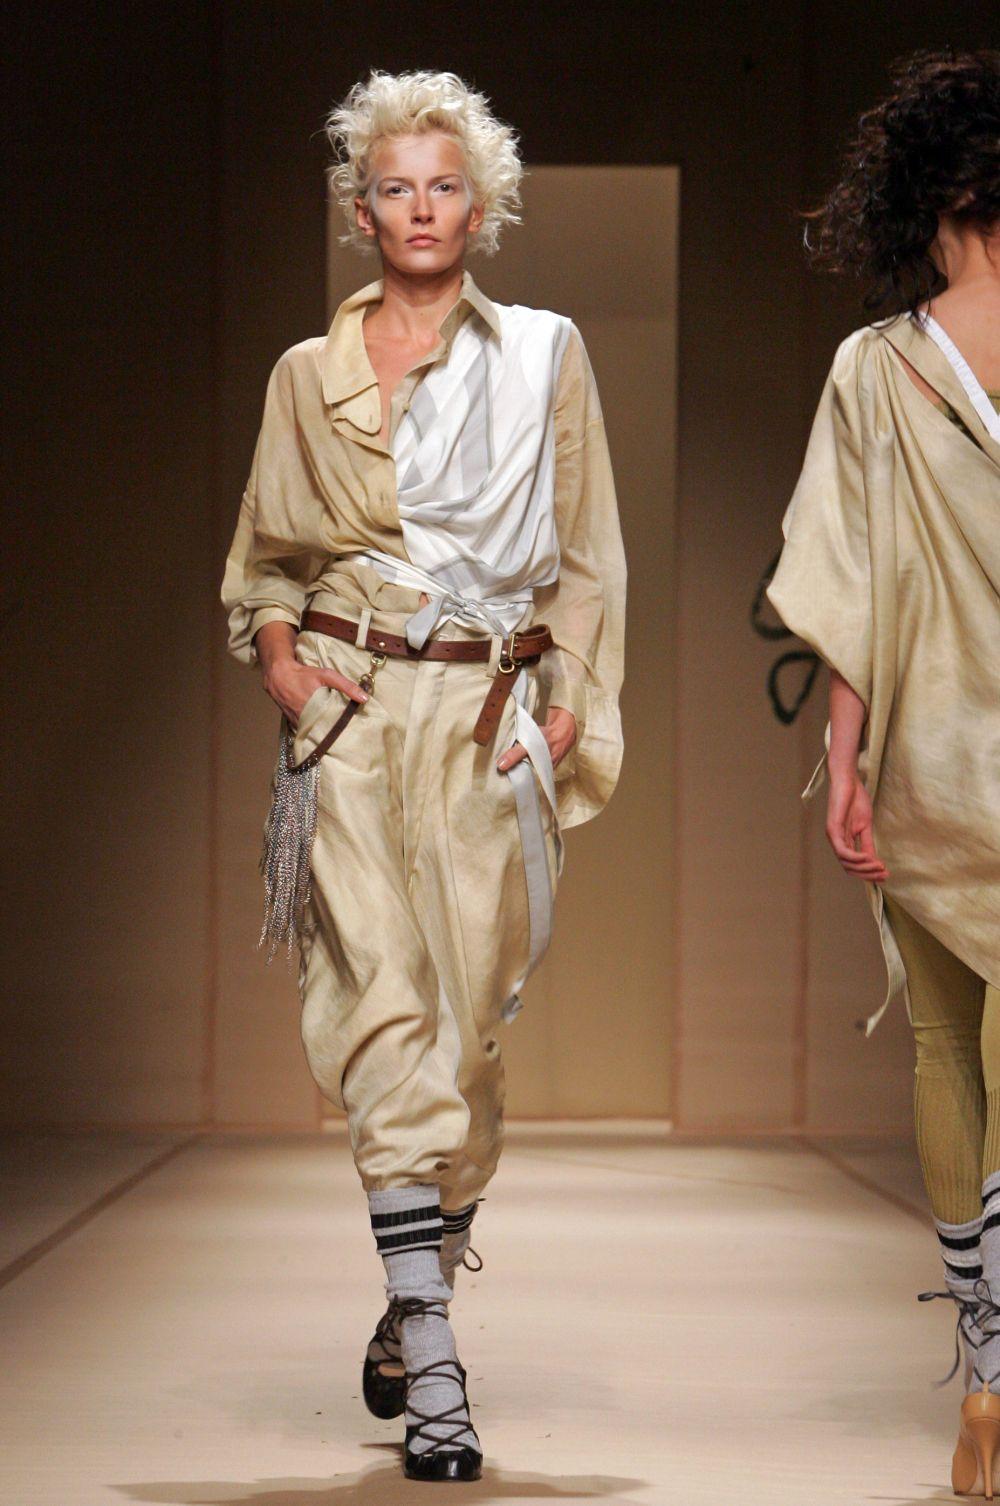 Среди последователей Вивьен Вествуд такие громкие имена как Джон Гальяно, Александр Маккуин и ряд других модельеров.